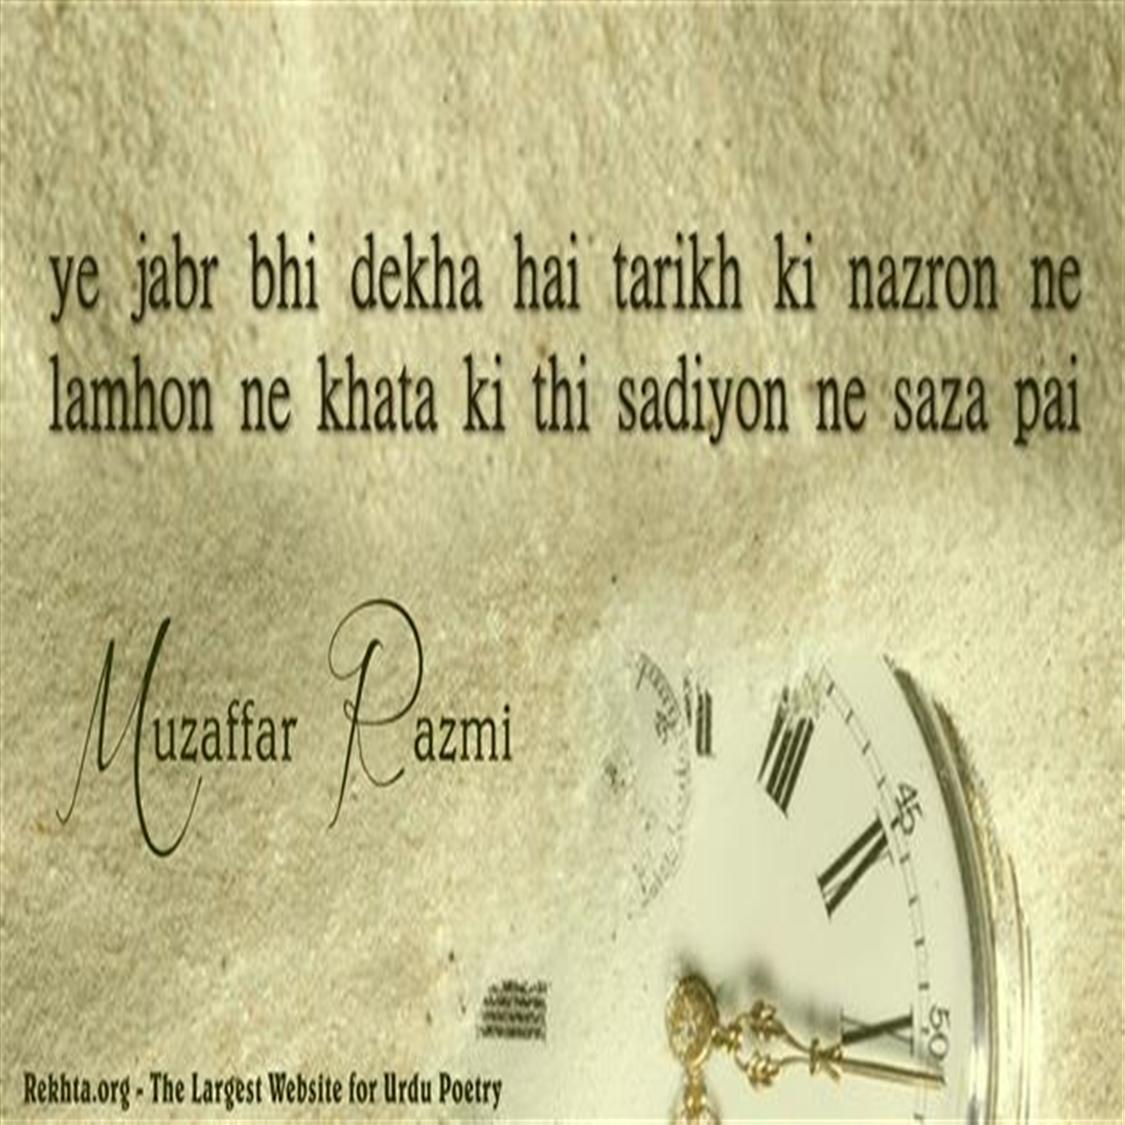 ye jabr bhii dekhaa hai taariiKH kii nazro.n ne-Muzaffar Razmi